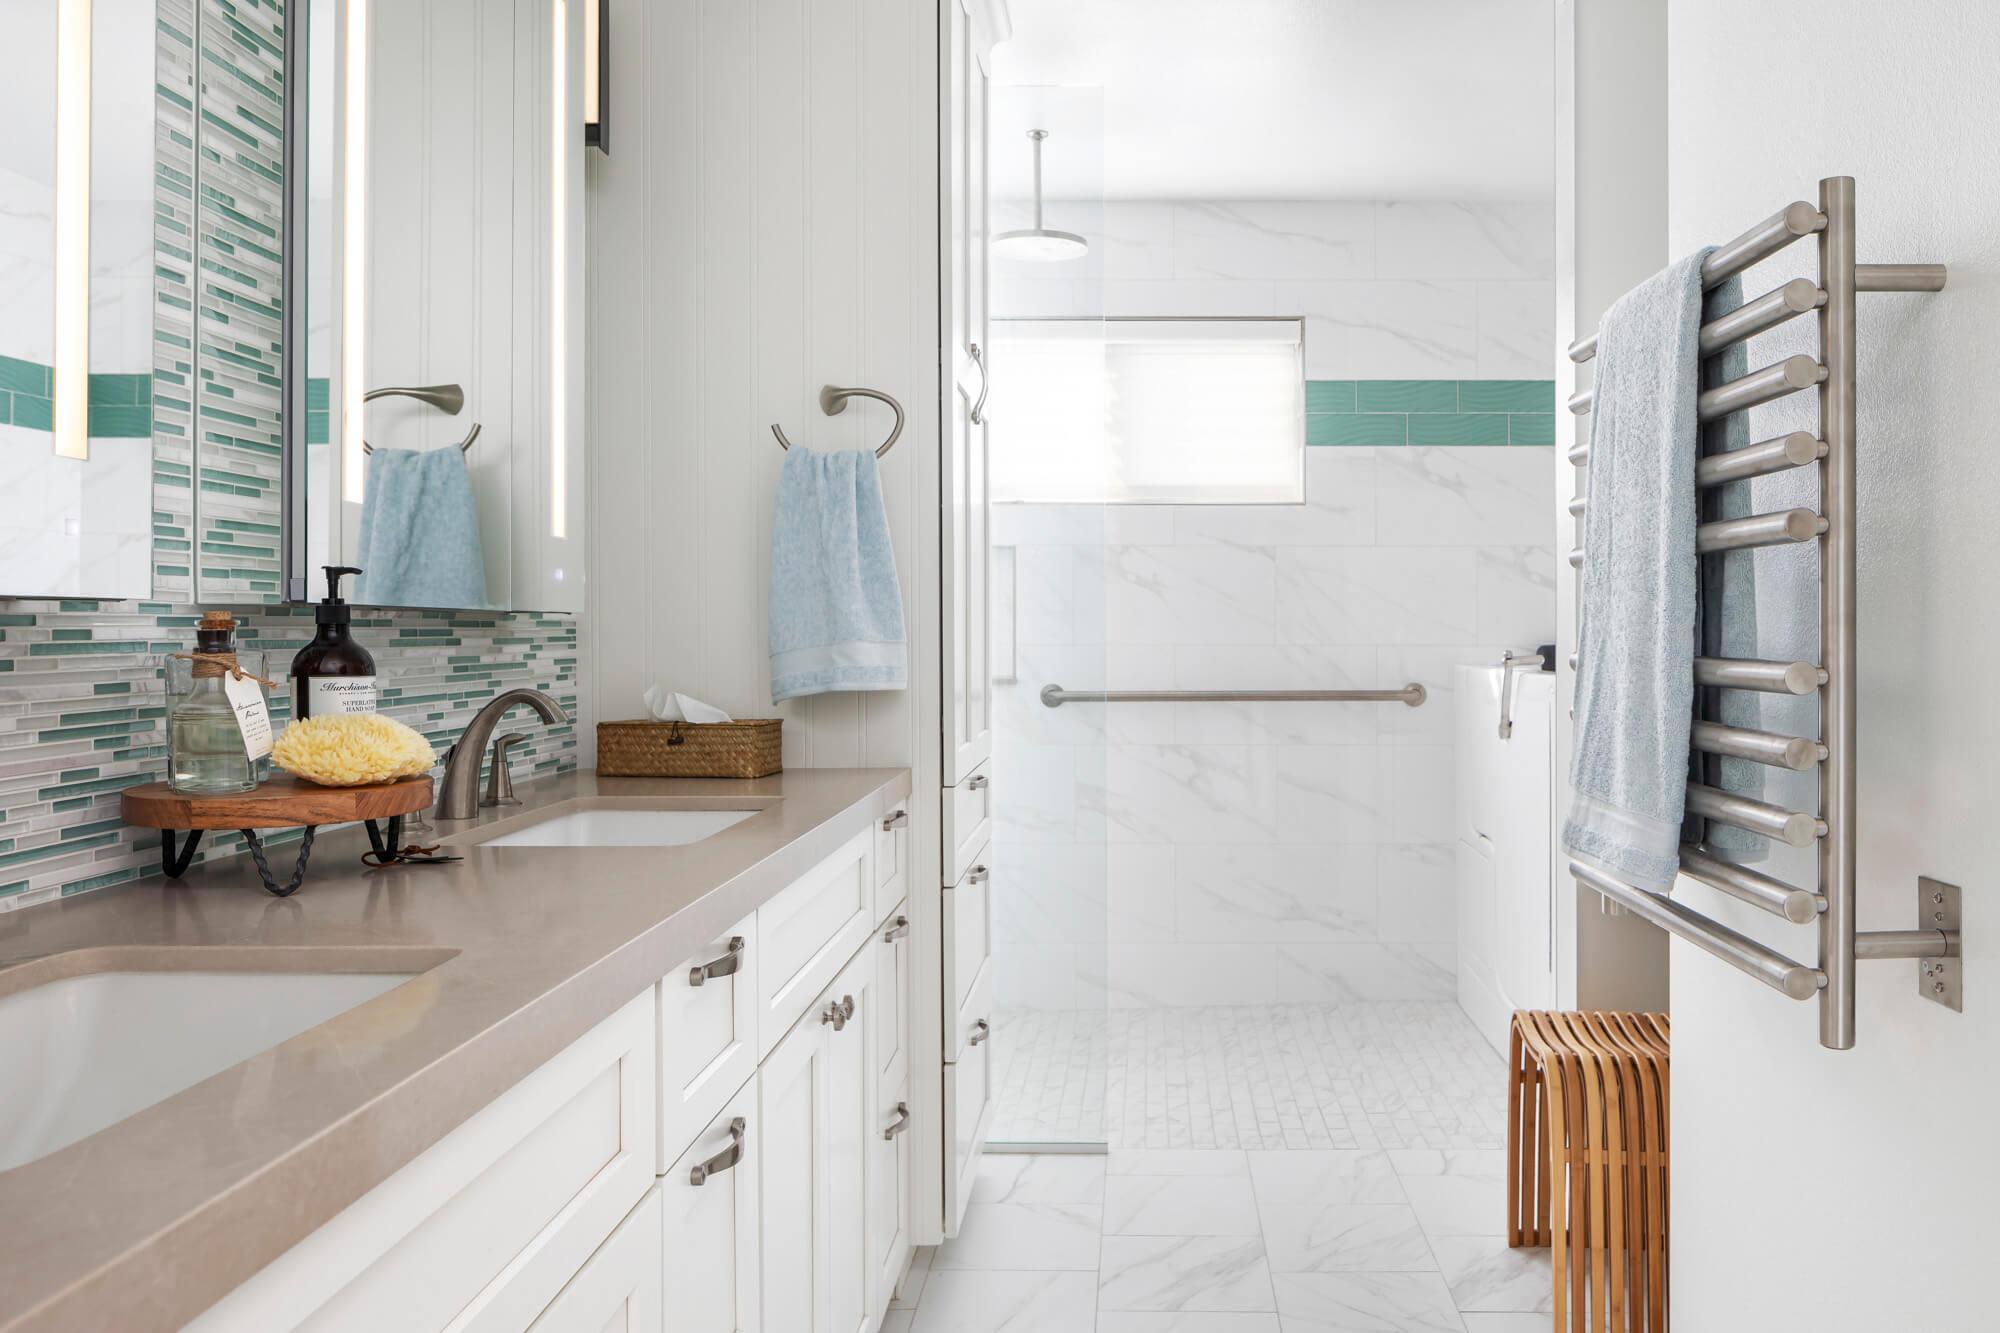 Irvine master bathroom remodel